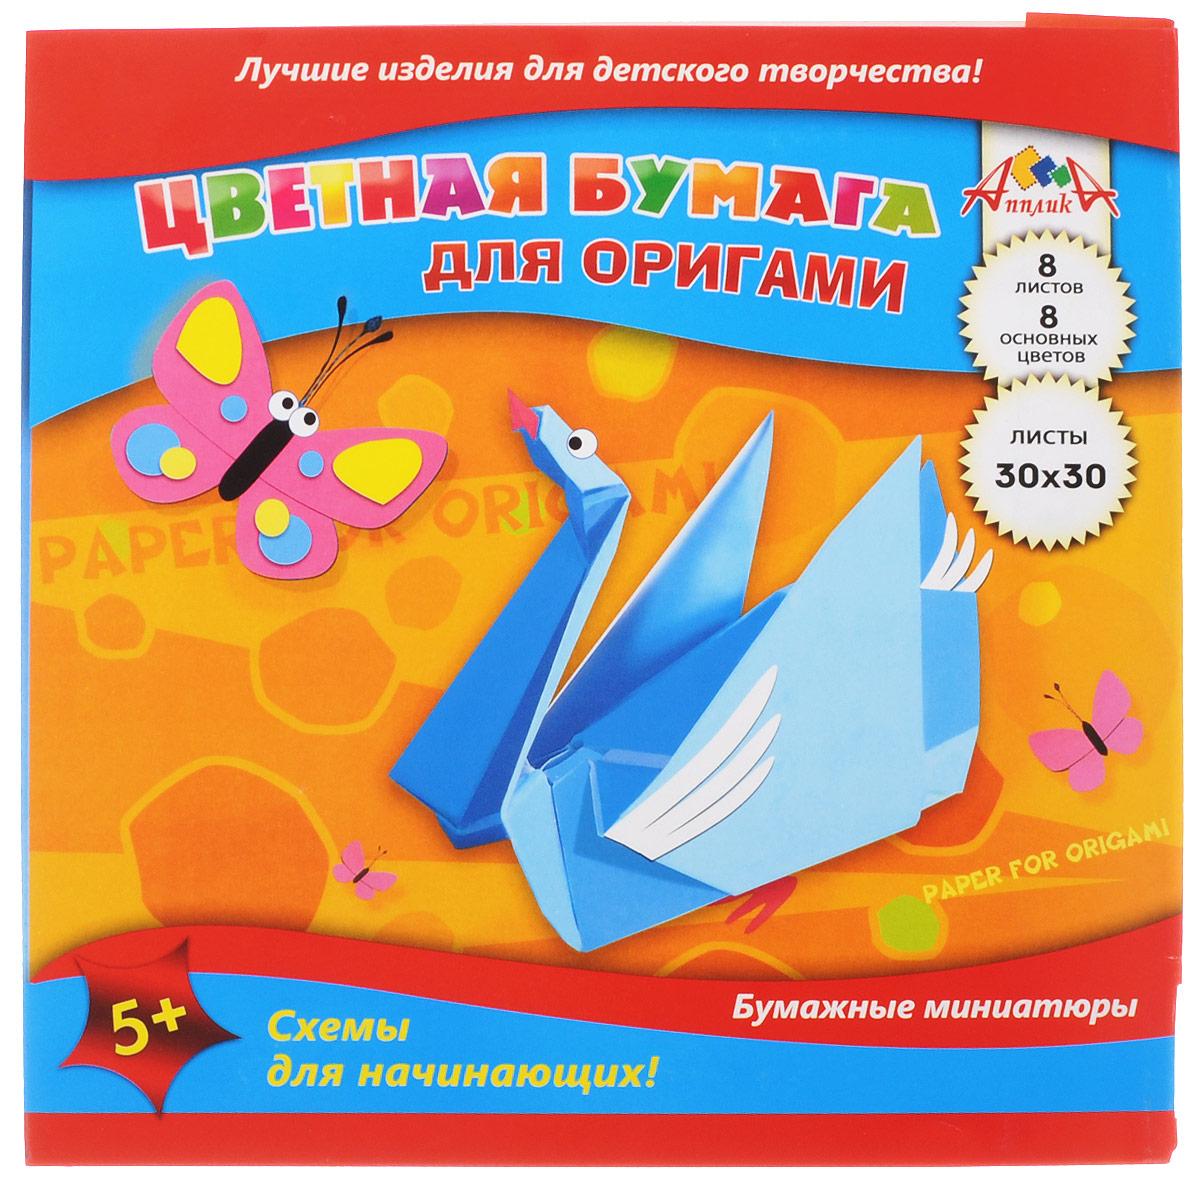 Апплика Цветная бумага для оригами Лебедь 8 листовС0326-02Набор цветной бумаги Апплика Лебедь позволит вашему ребенку создавать своими руками оригинальное оригами. Набор состоит из 8 листов двусторонней бумаги разных цветов. Внутри папки приводятся схематичные инструкции по изготовлению оригами, сзади дана расшифровка условных обозначений. Создание поделок из цветной бумаги позволяет ребенку развивать творческие способности, кроме того, это увлекательный досуг.Рекомендуемый возраст: 5+